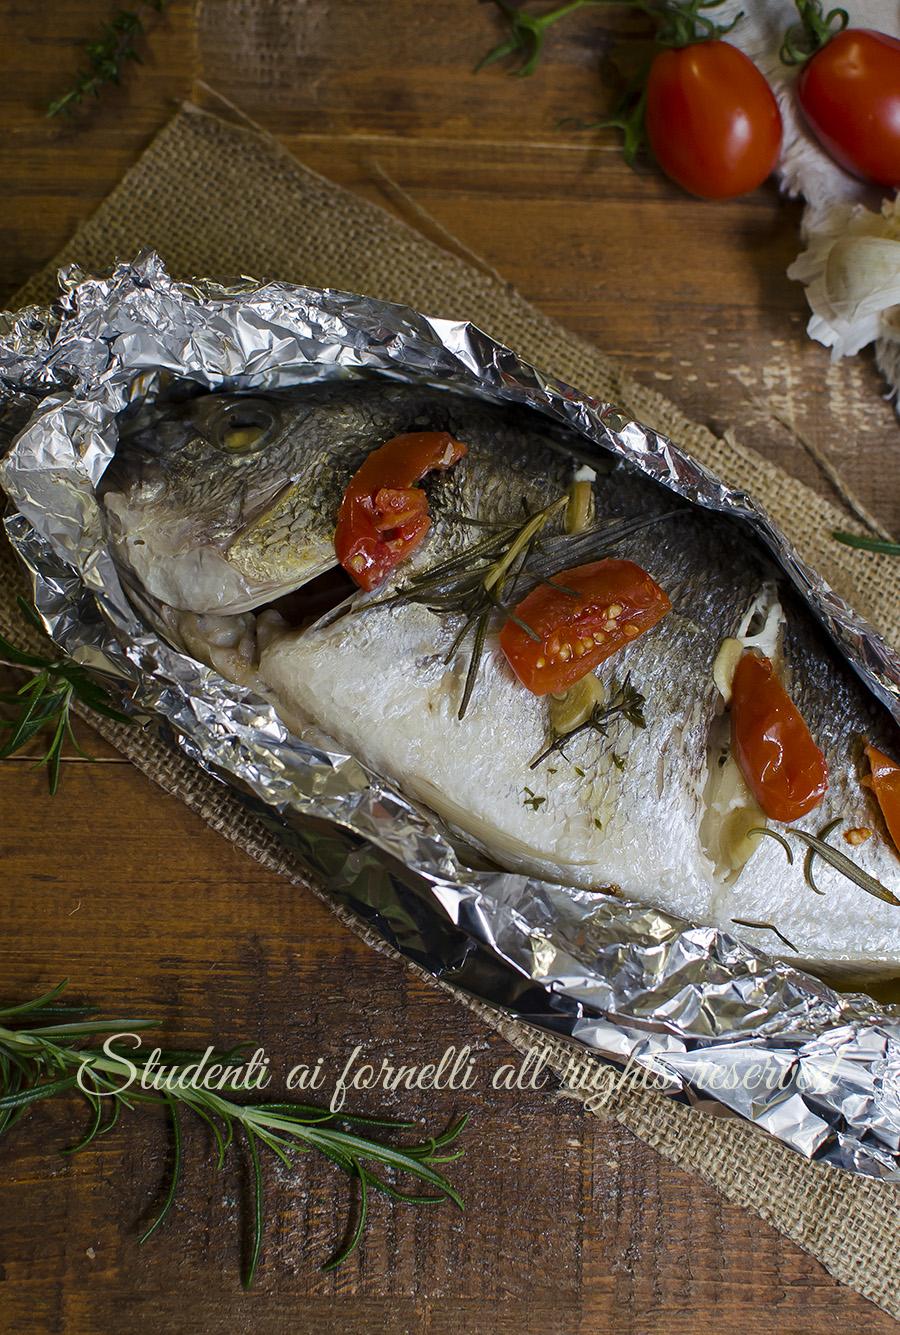 Ricetta Orata Al Cartoccio In Forno.Orata Al Cartoccio Con Pomodorini Al Forno Cucinare Il Pesce